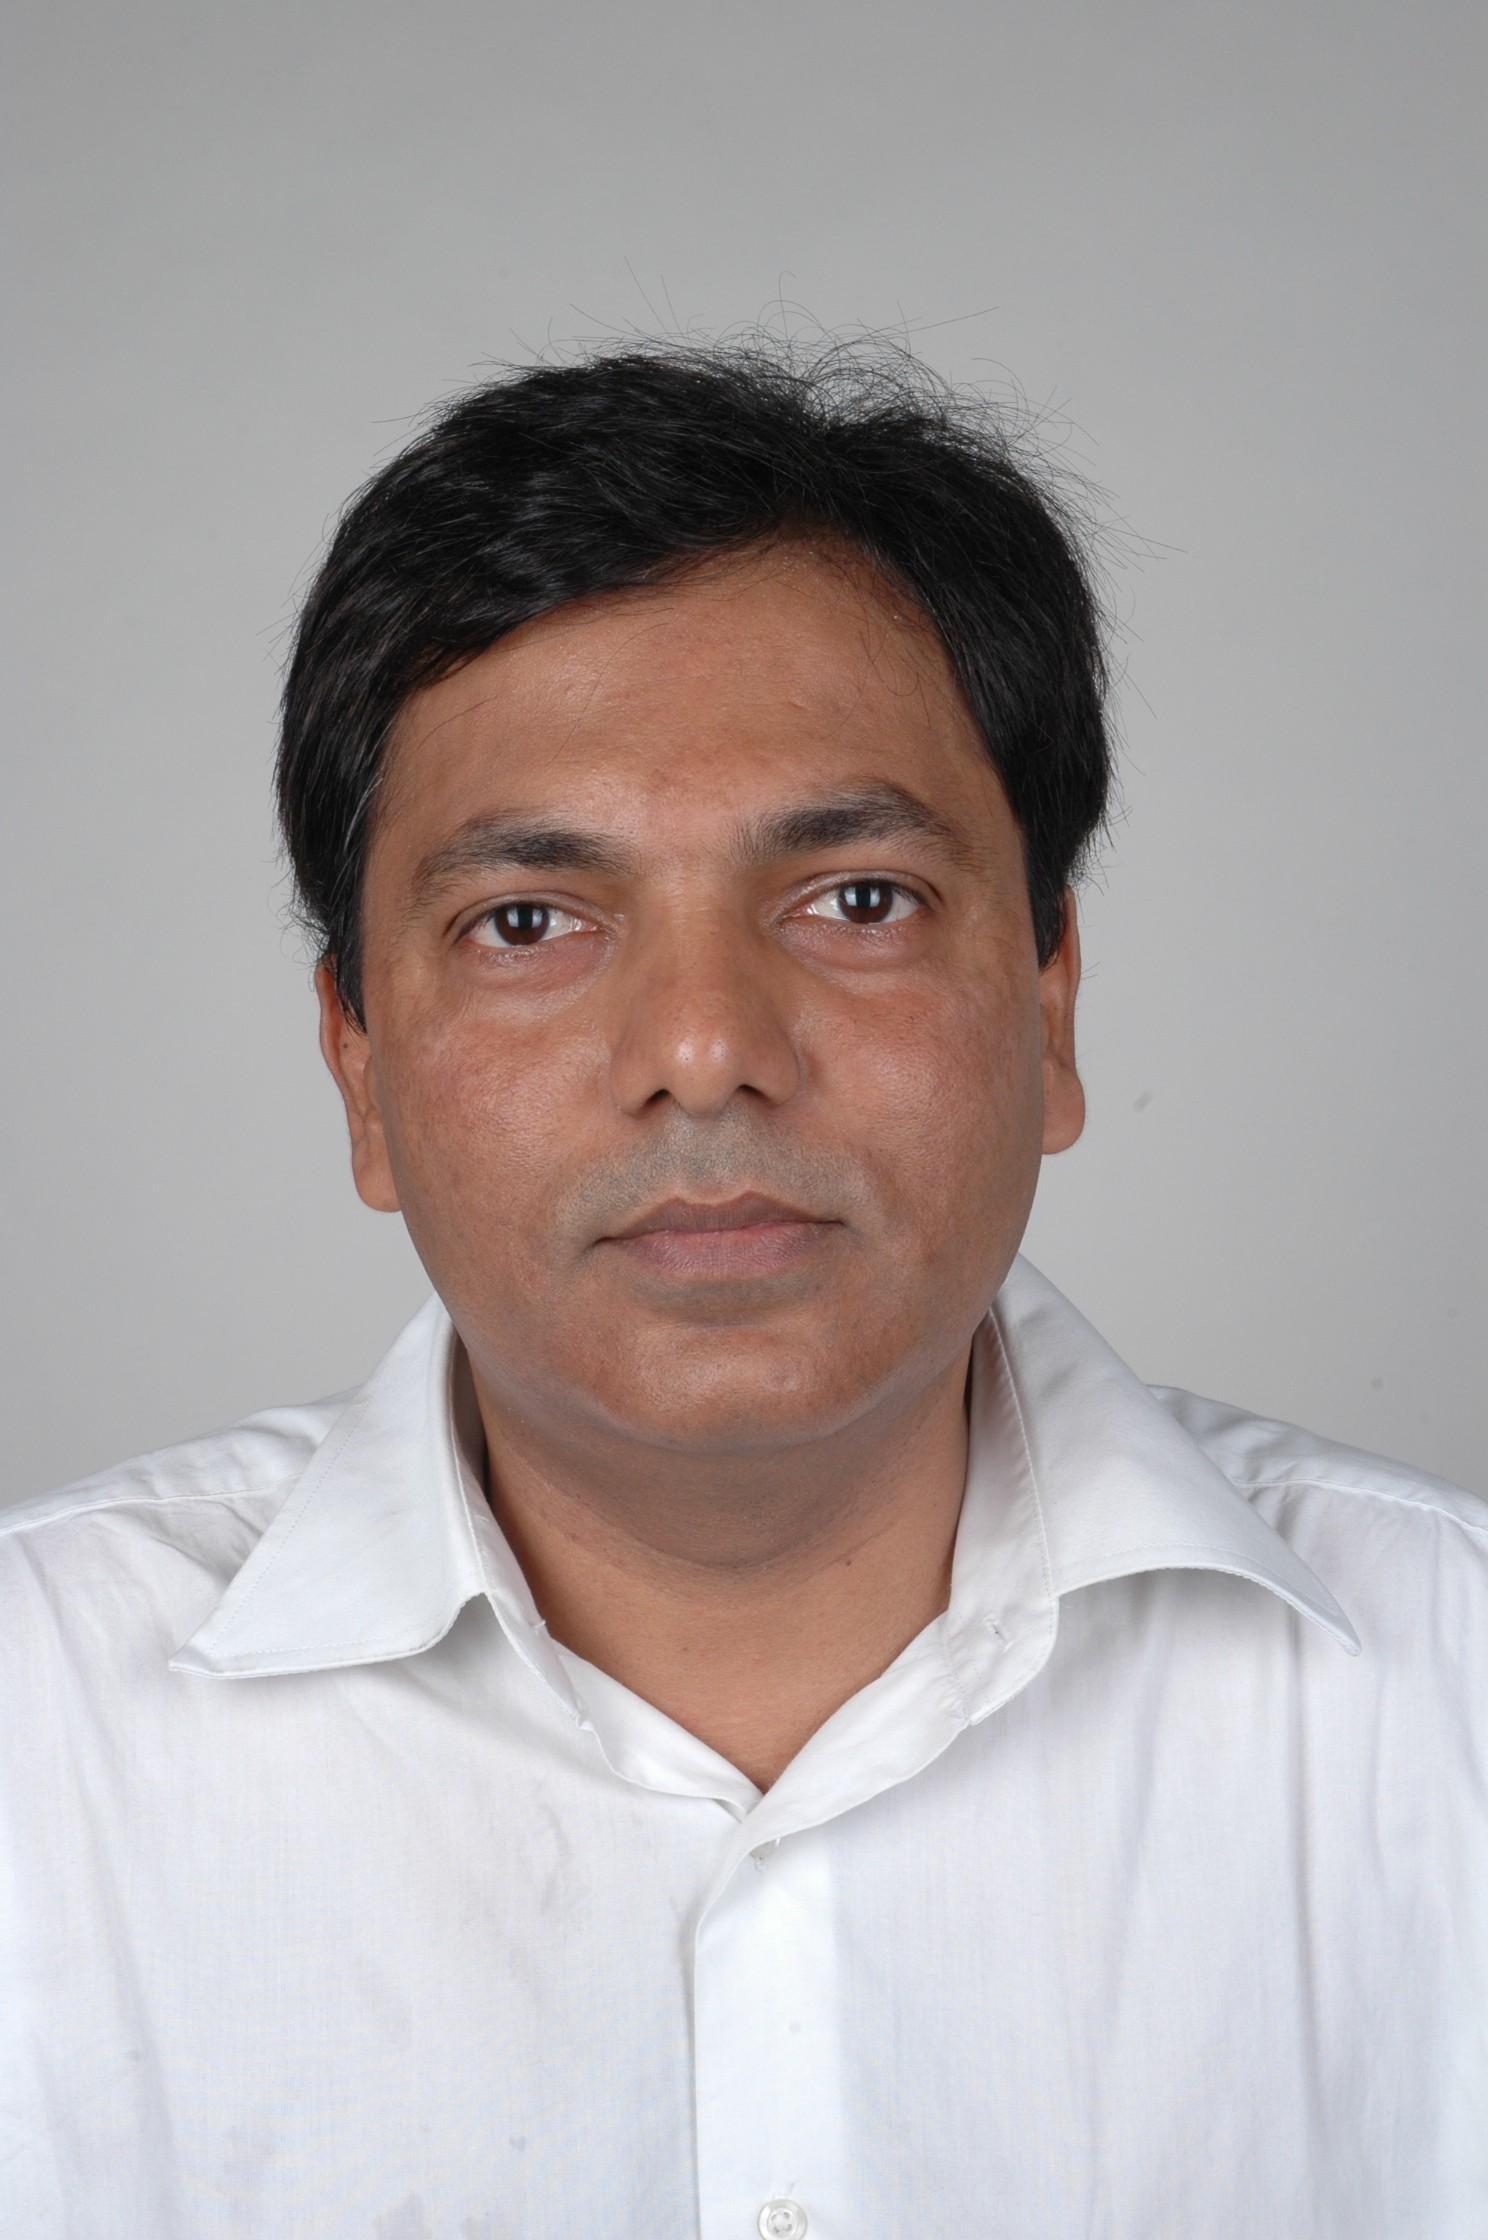 Gaurav Hota